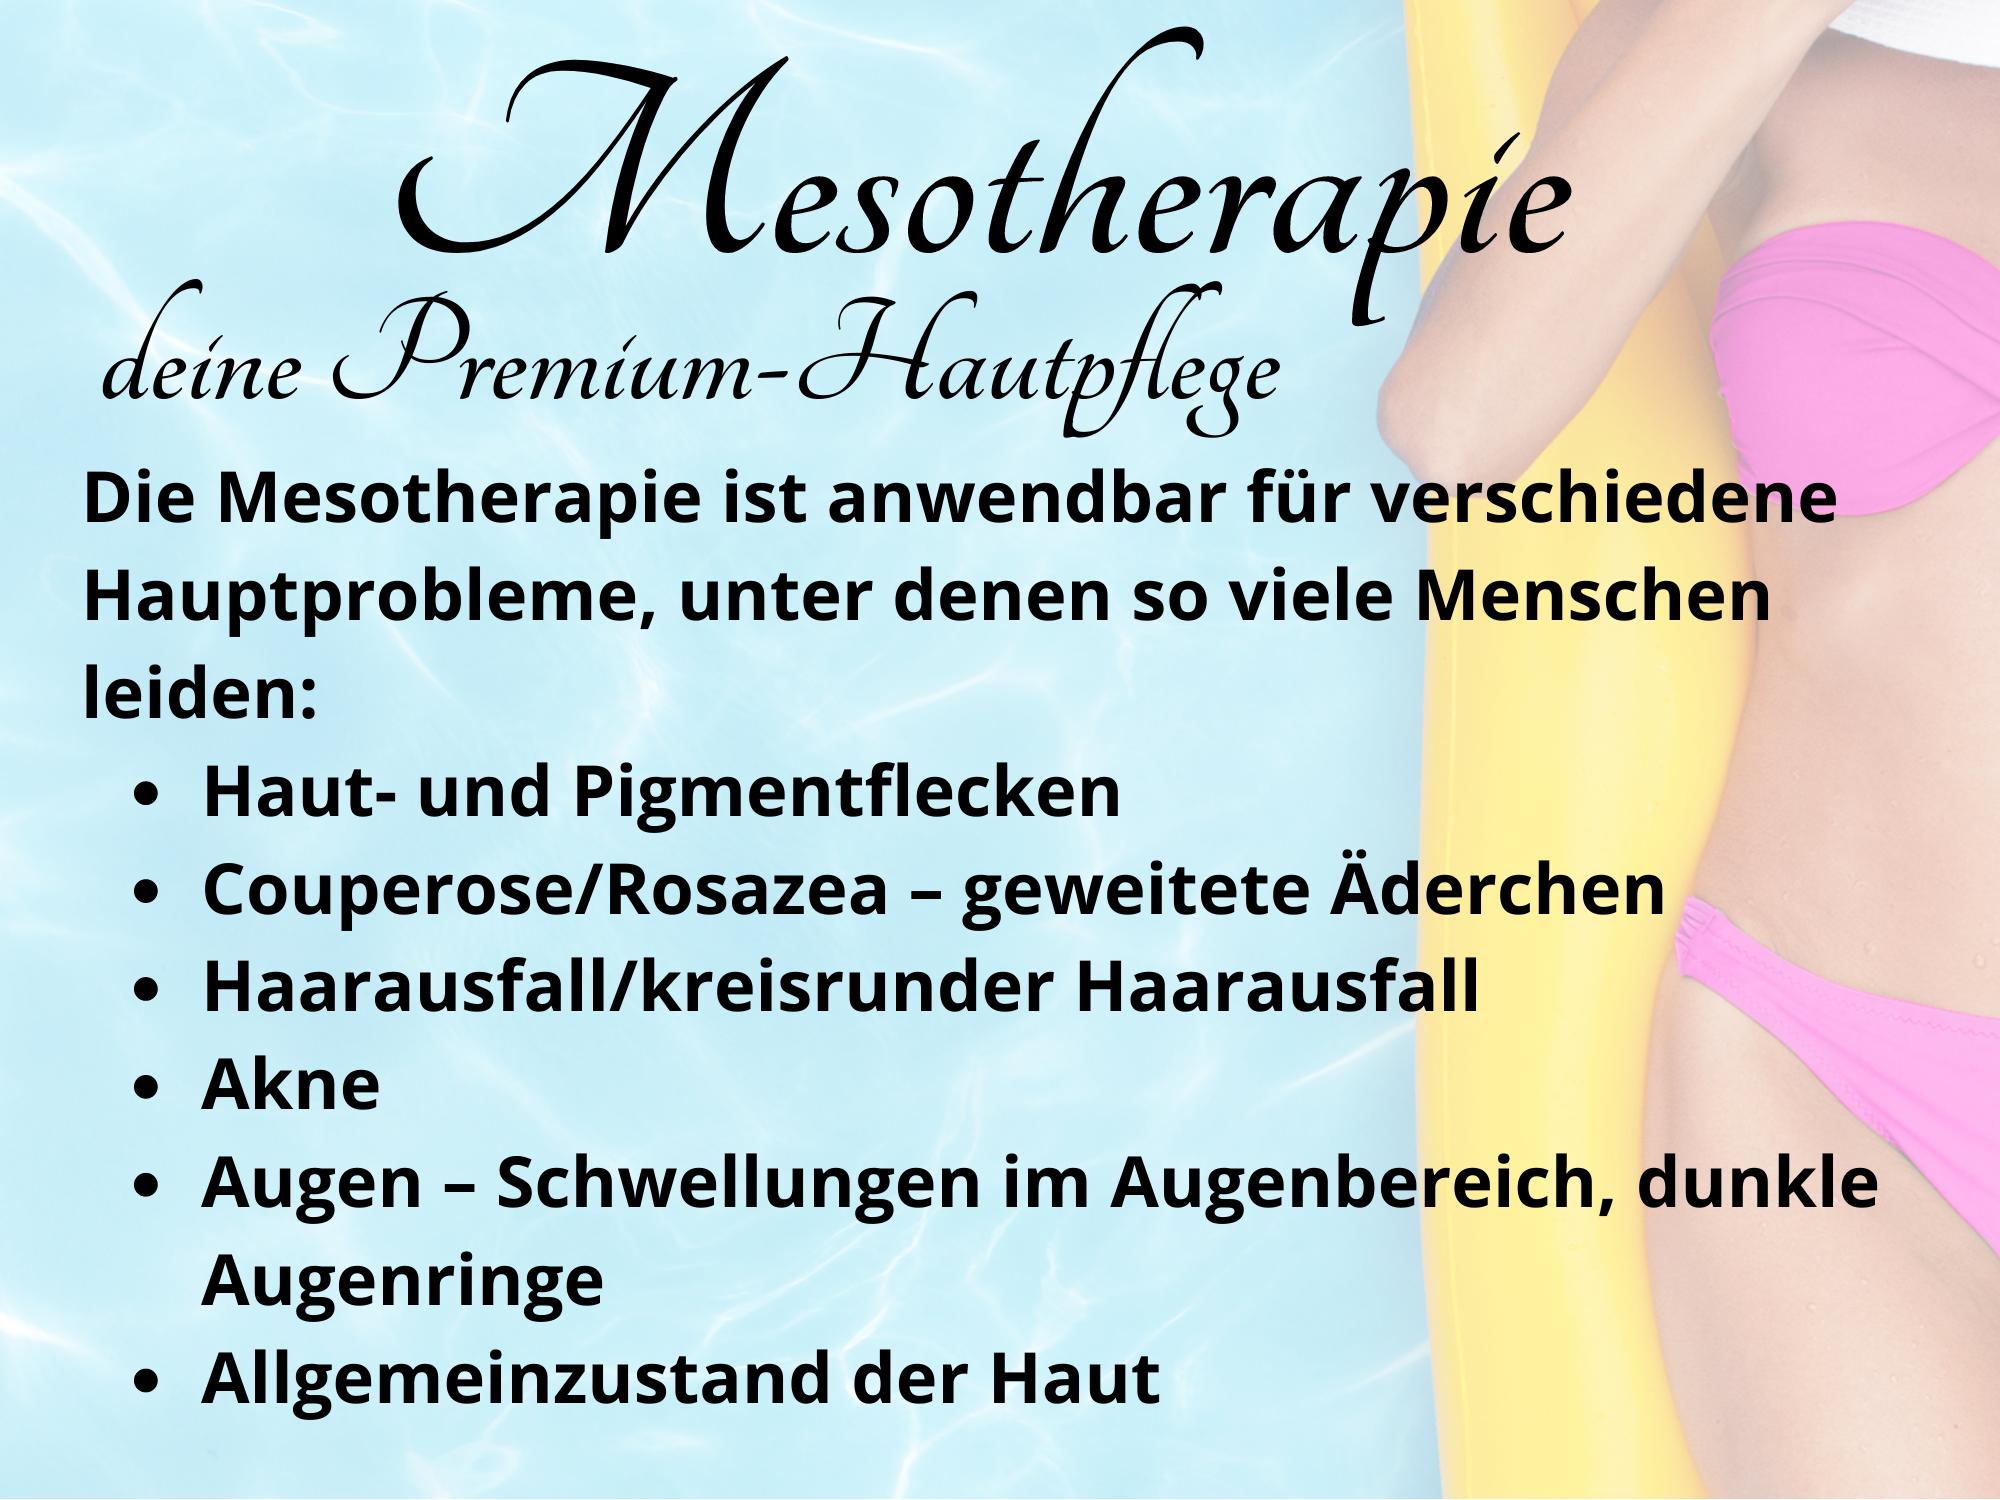 Mesotherapie - deine Premium-Hautpflege